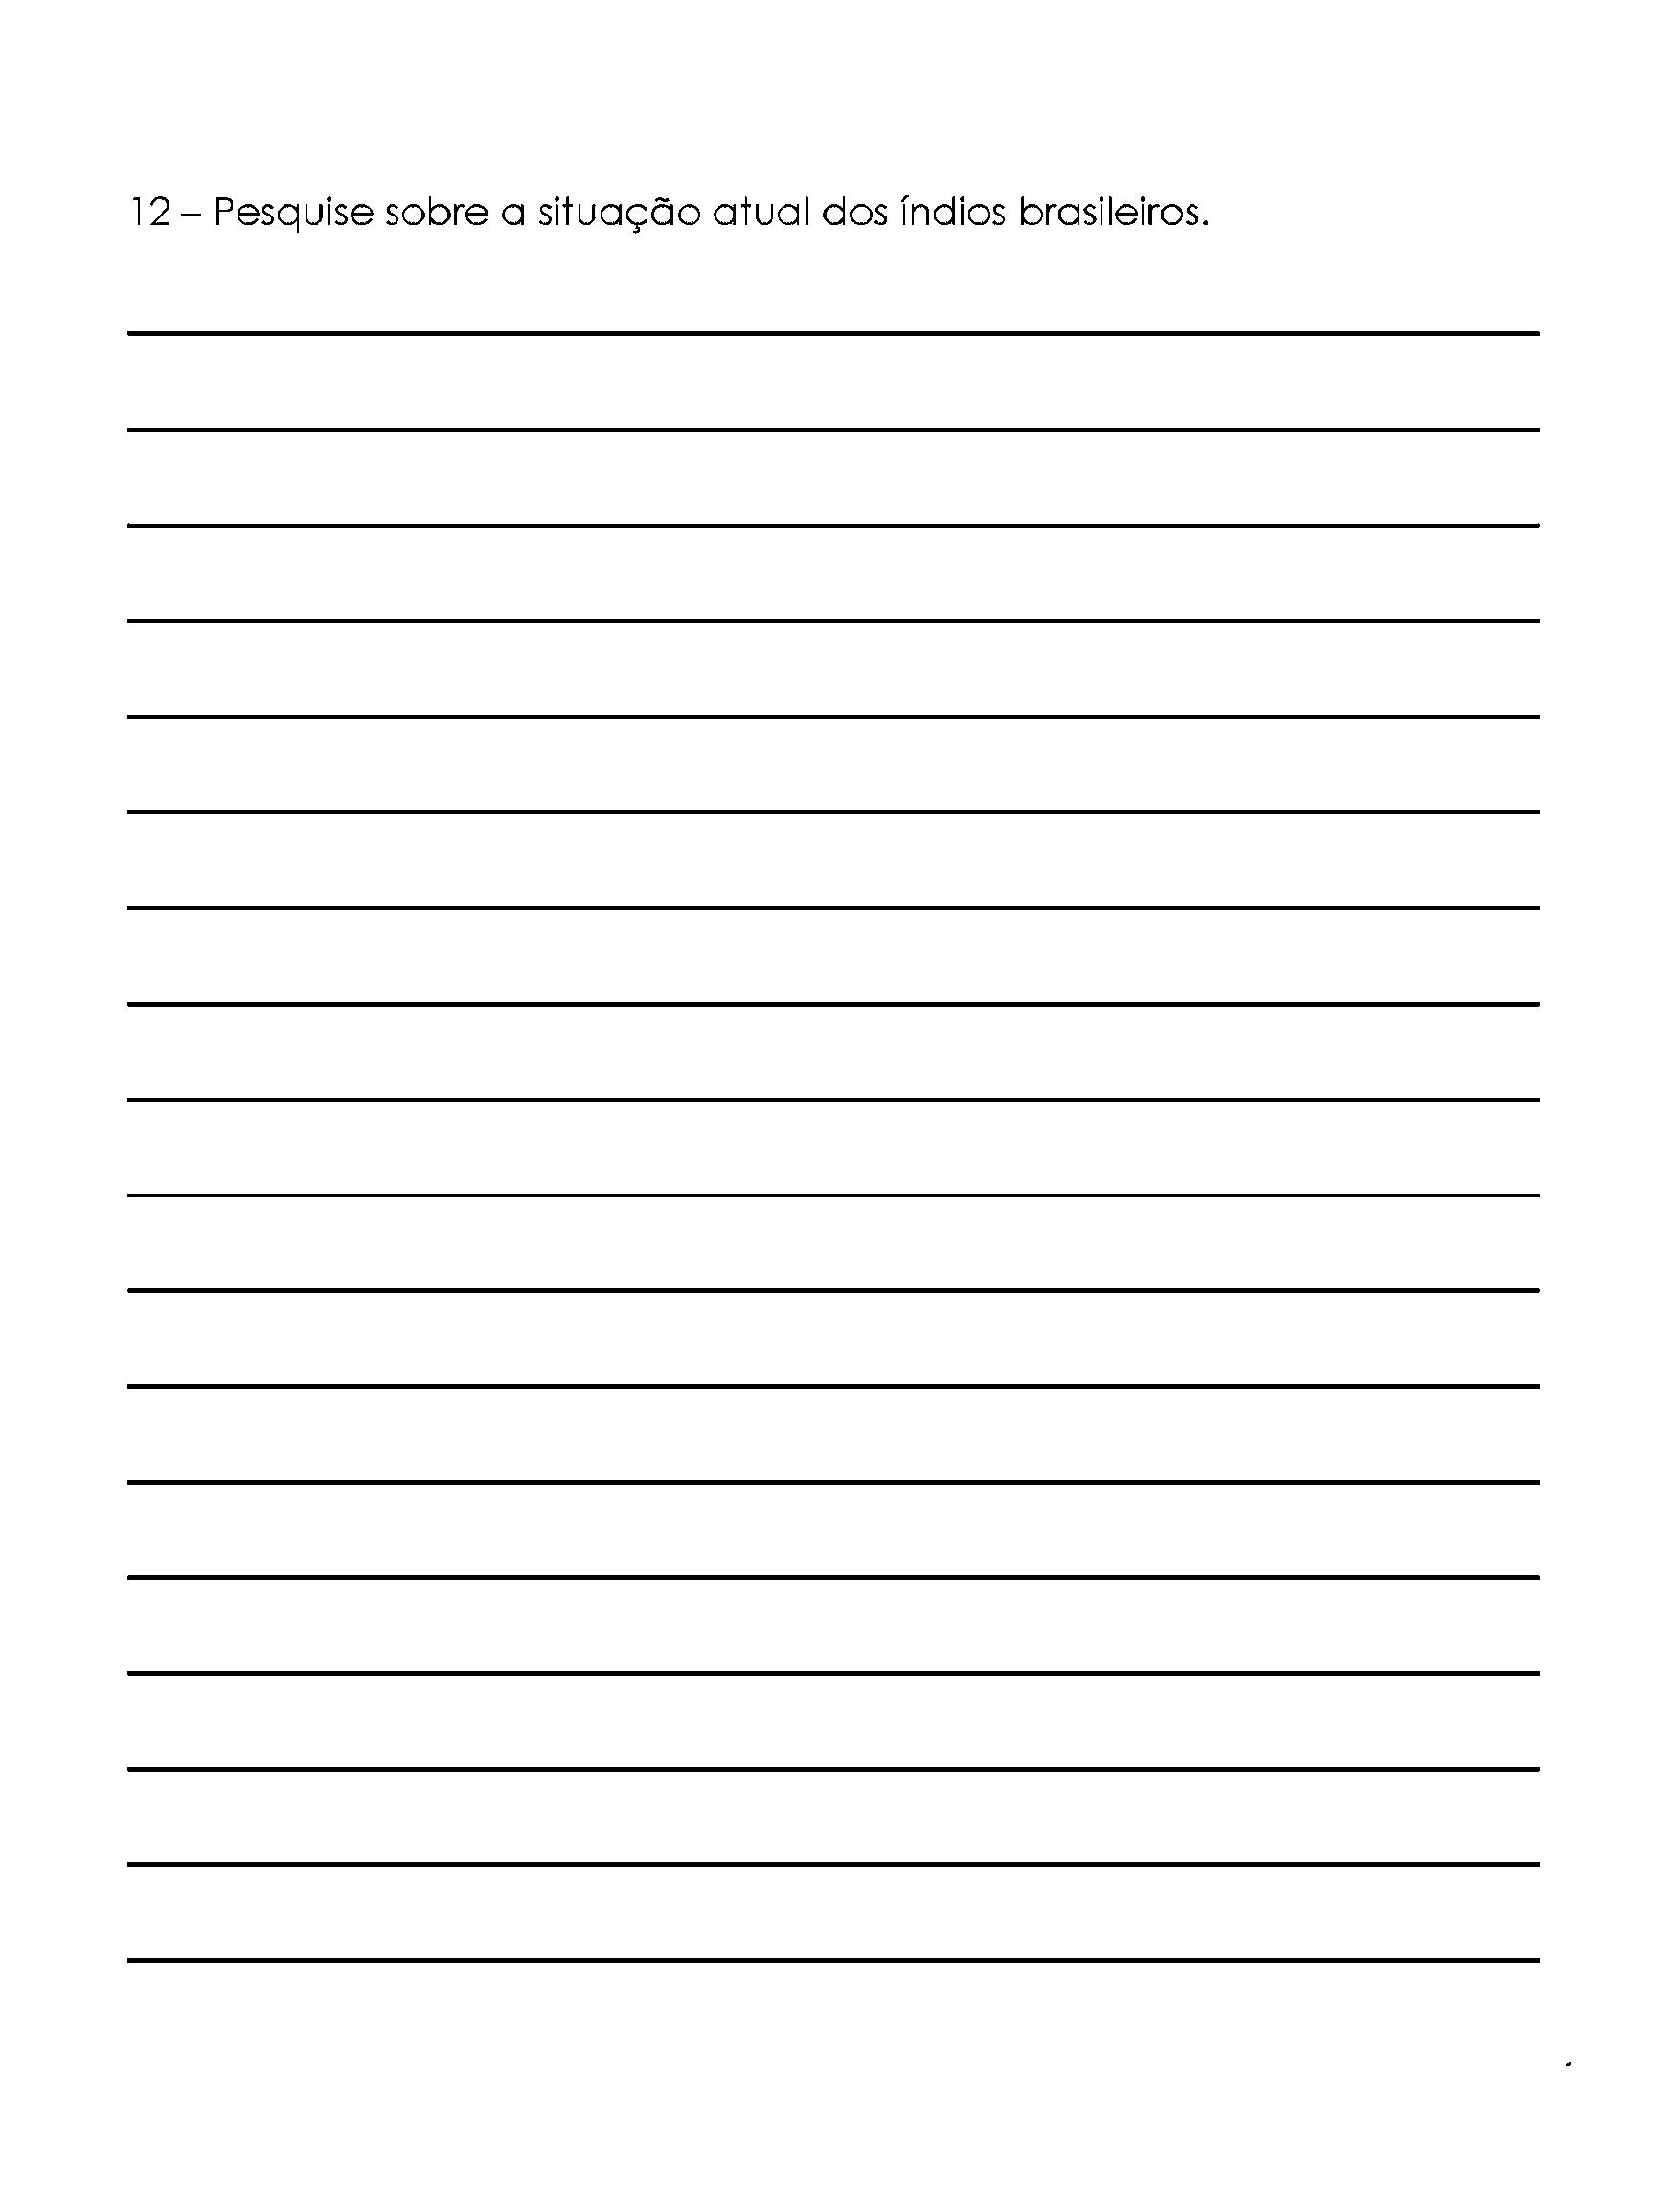 Atividades pág. 4